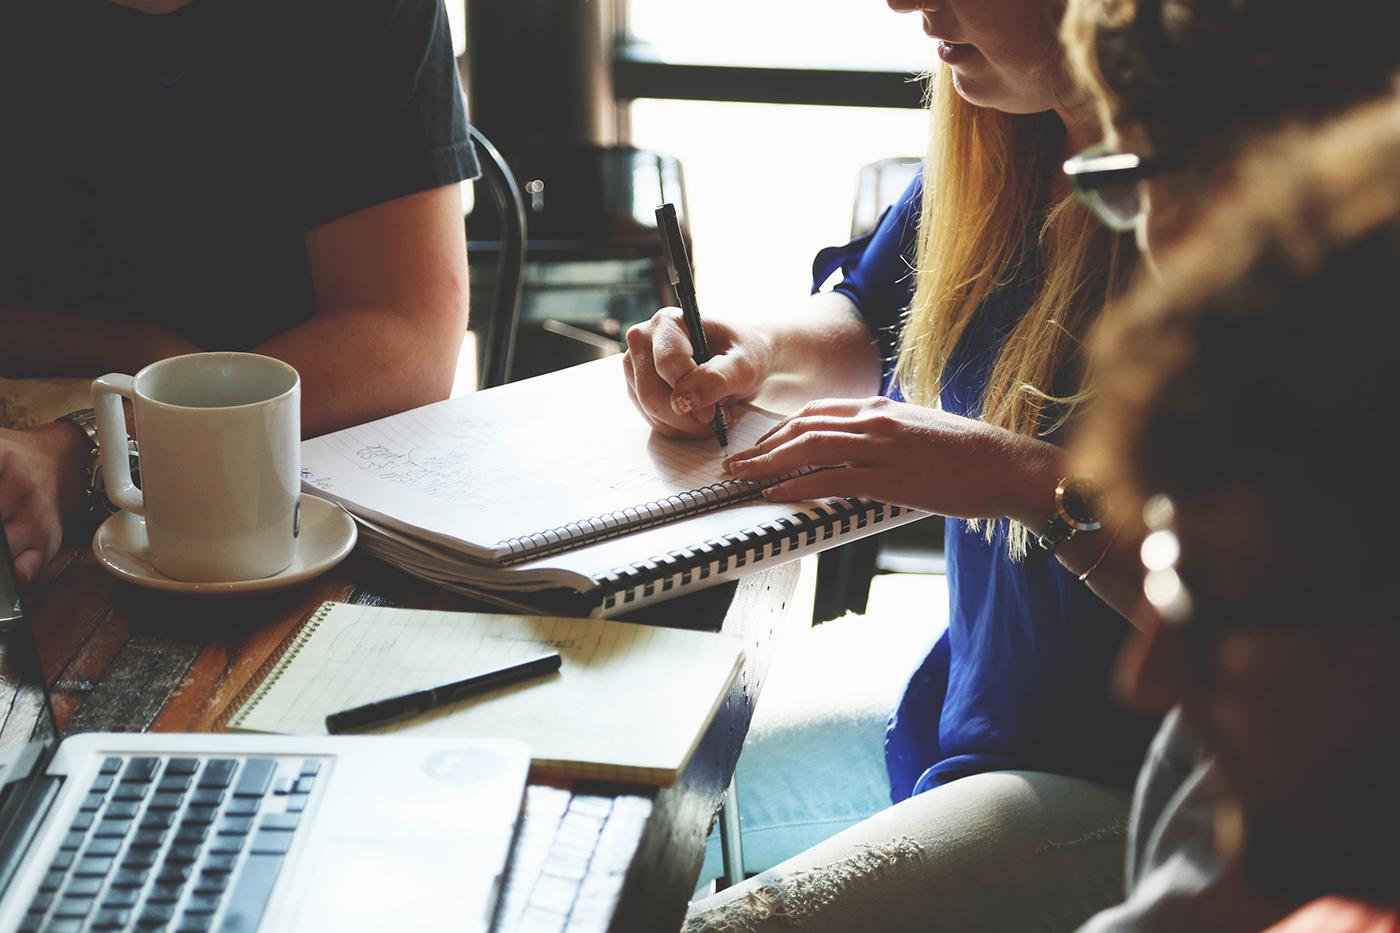 Contribuer à rendre votre équipe dirigeante encore plus opérationnelle - XE Management